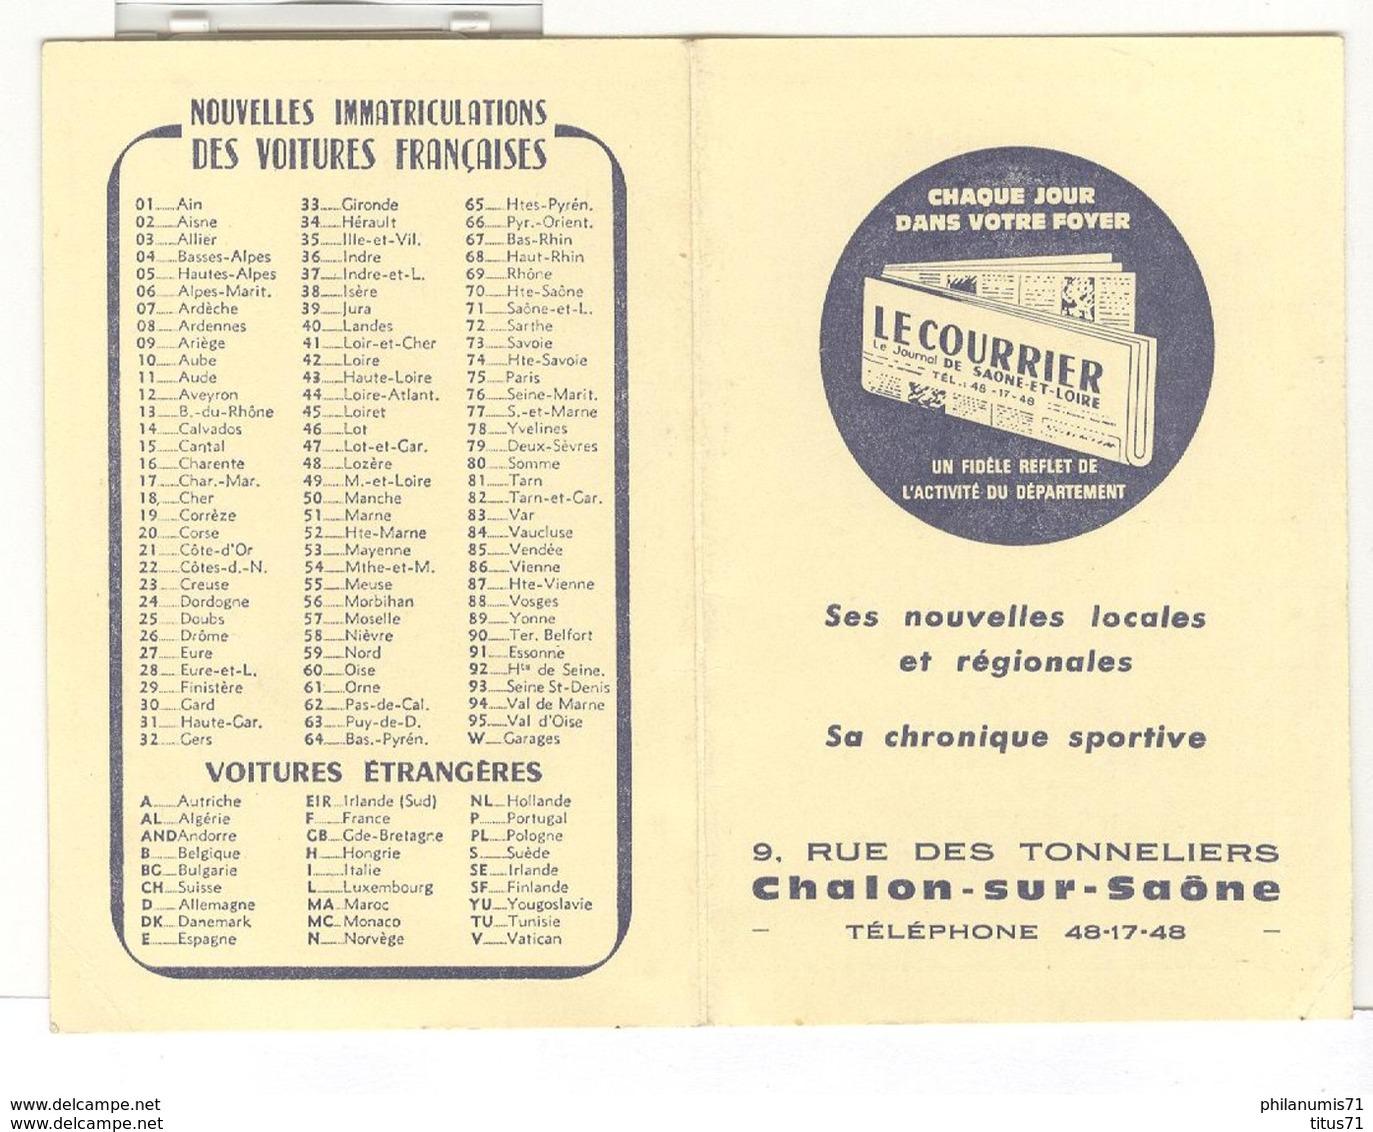 Calendrier Courrier De Saône Et Loire 1967 - 6,5 X 10 Cm Fermé - Calendriers